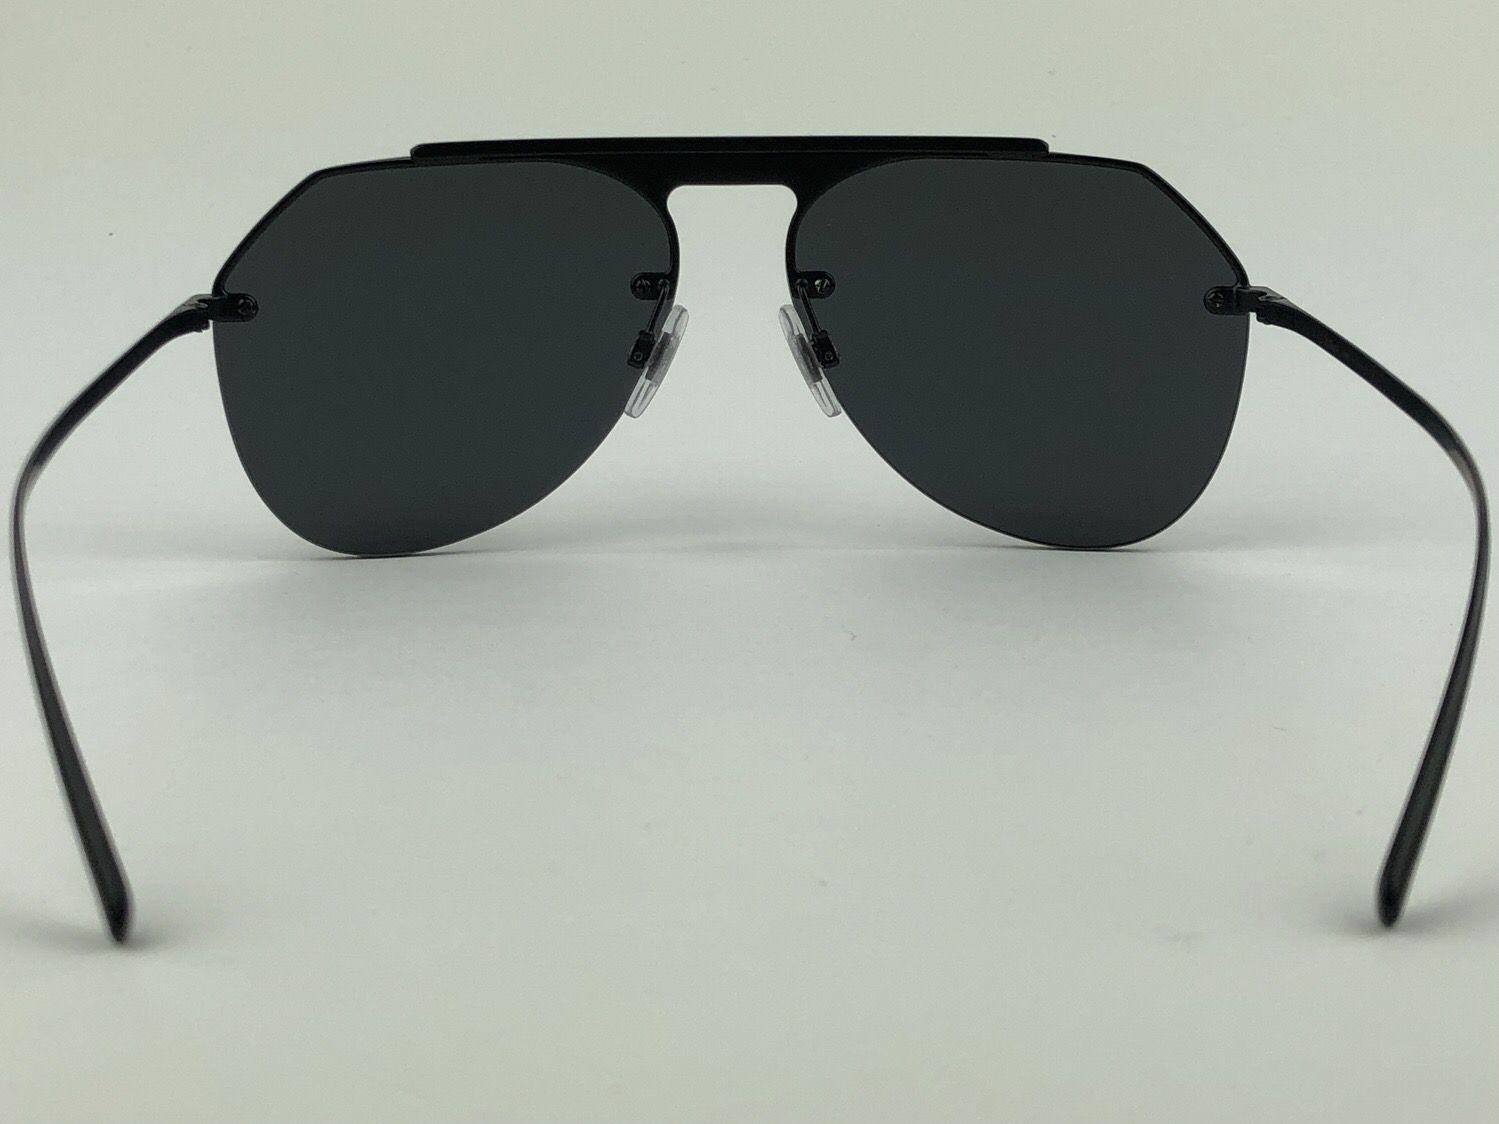 Dolce & Gabbana - DG2213 - Preto - 1106/87 - 34/134 - Óculos de sol